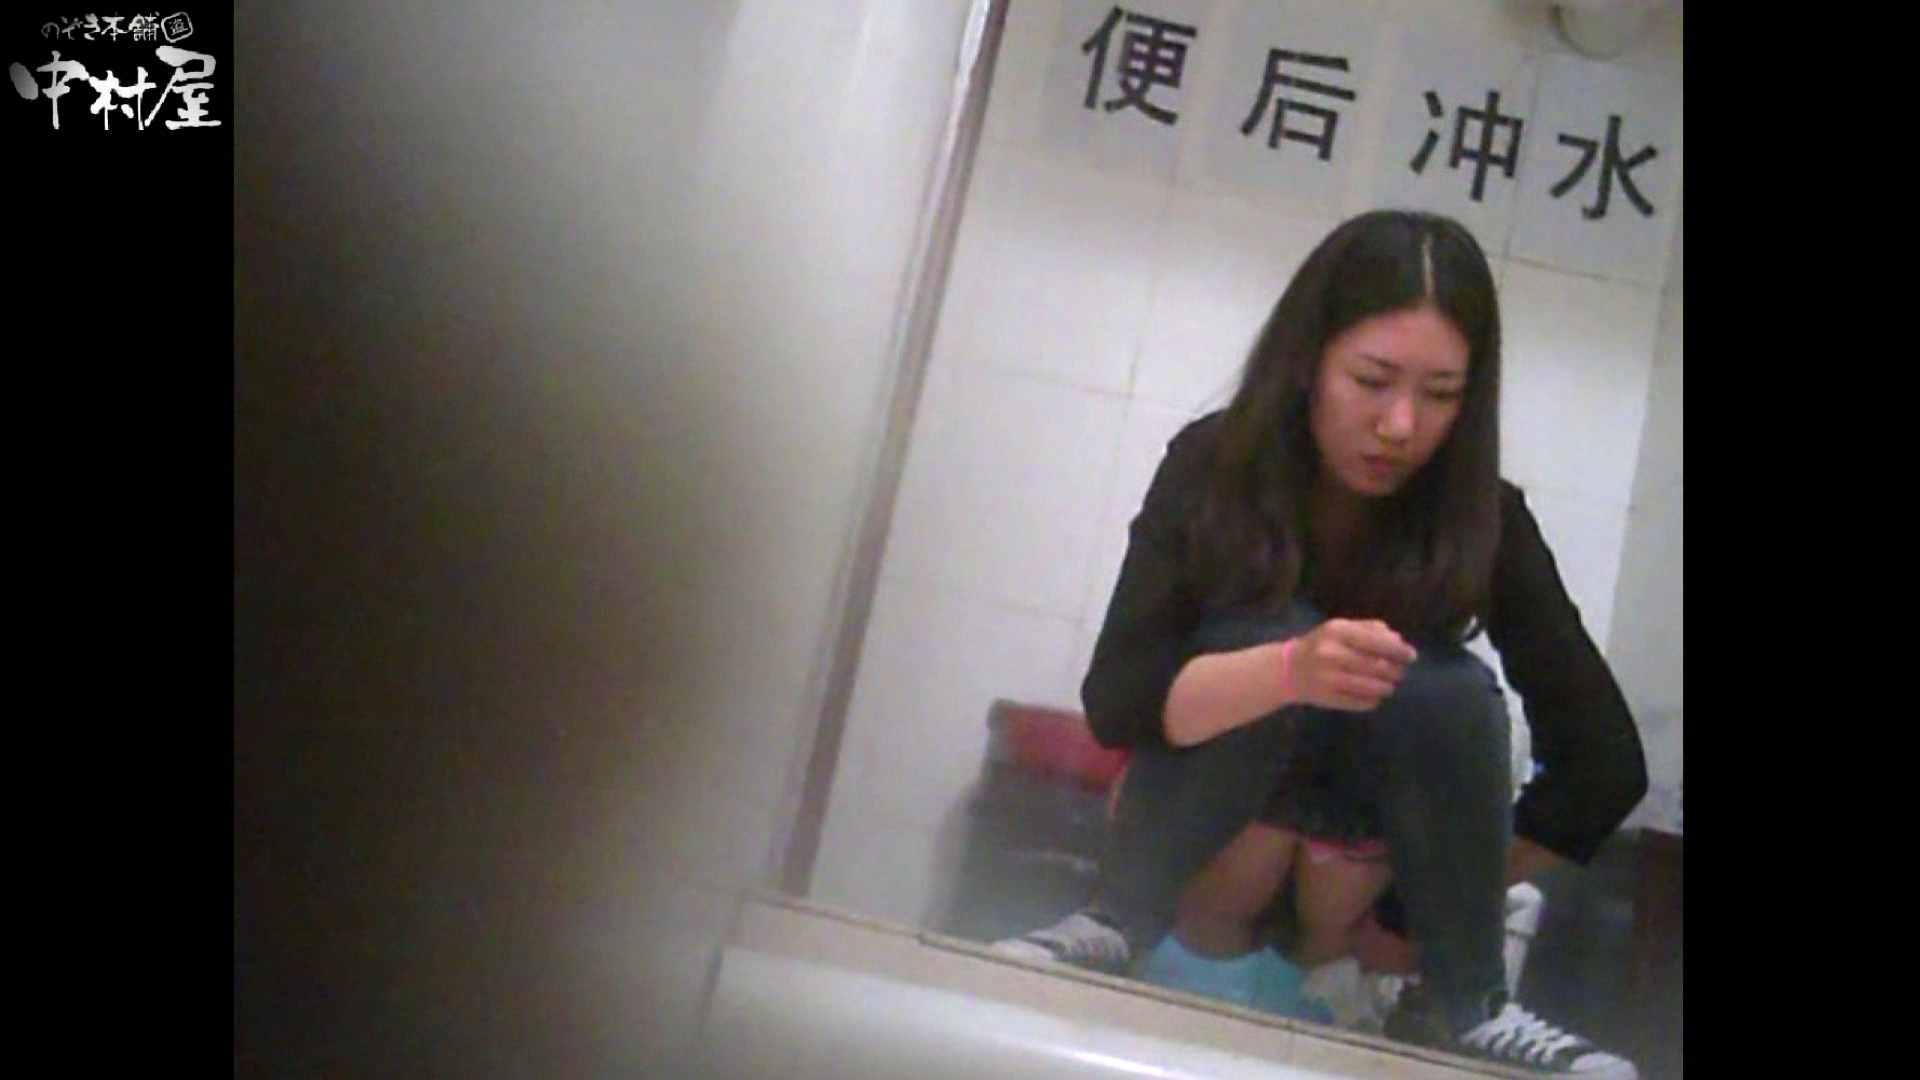 李さんの盗撮日記 Vol.07 トイレの中の女の子 のぞき動画キャプチャ 85連発 54